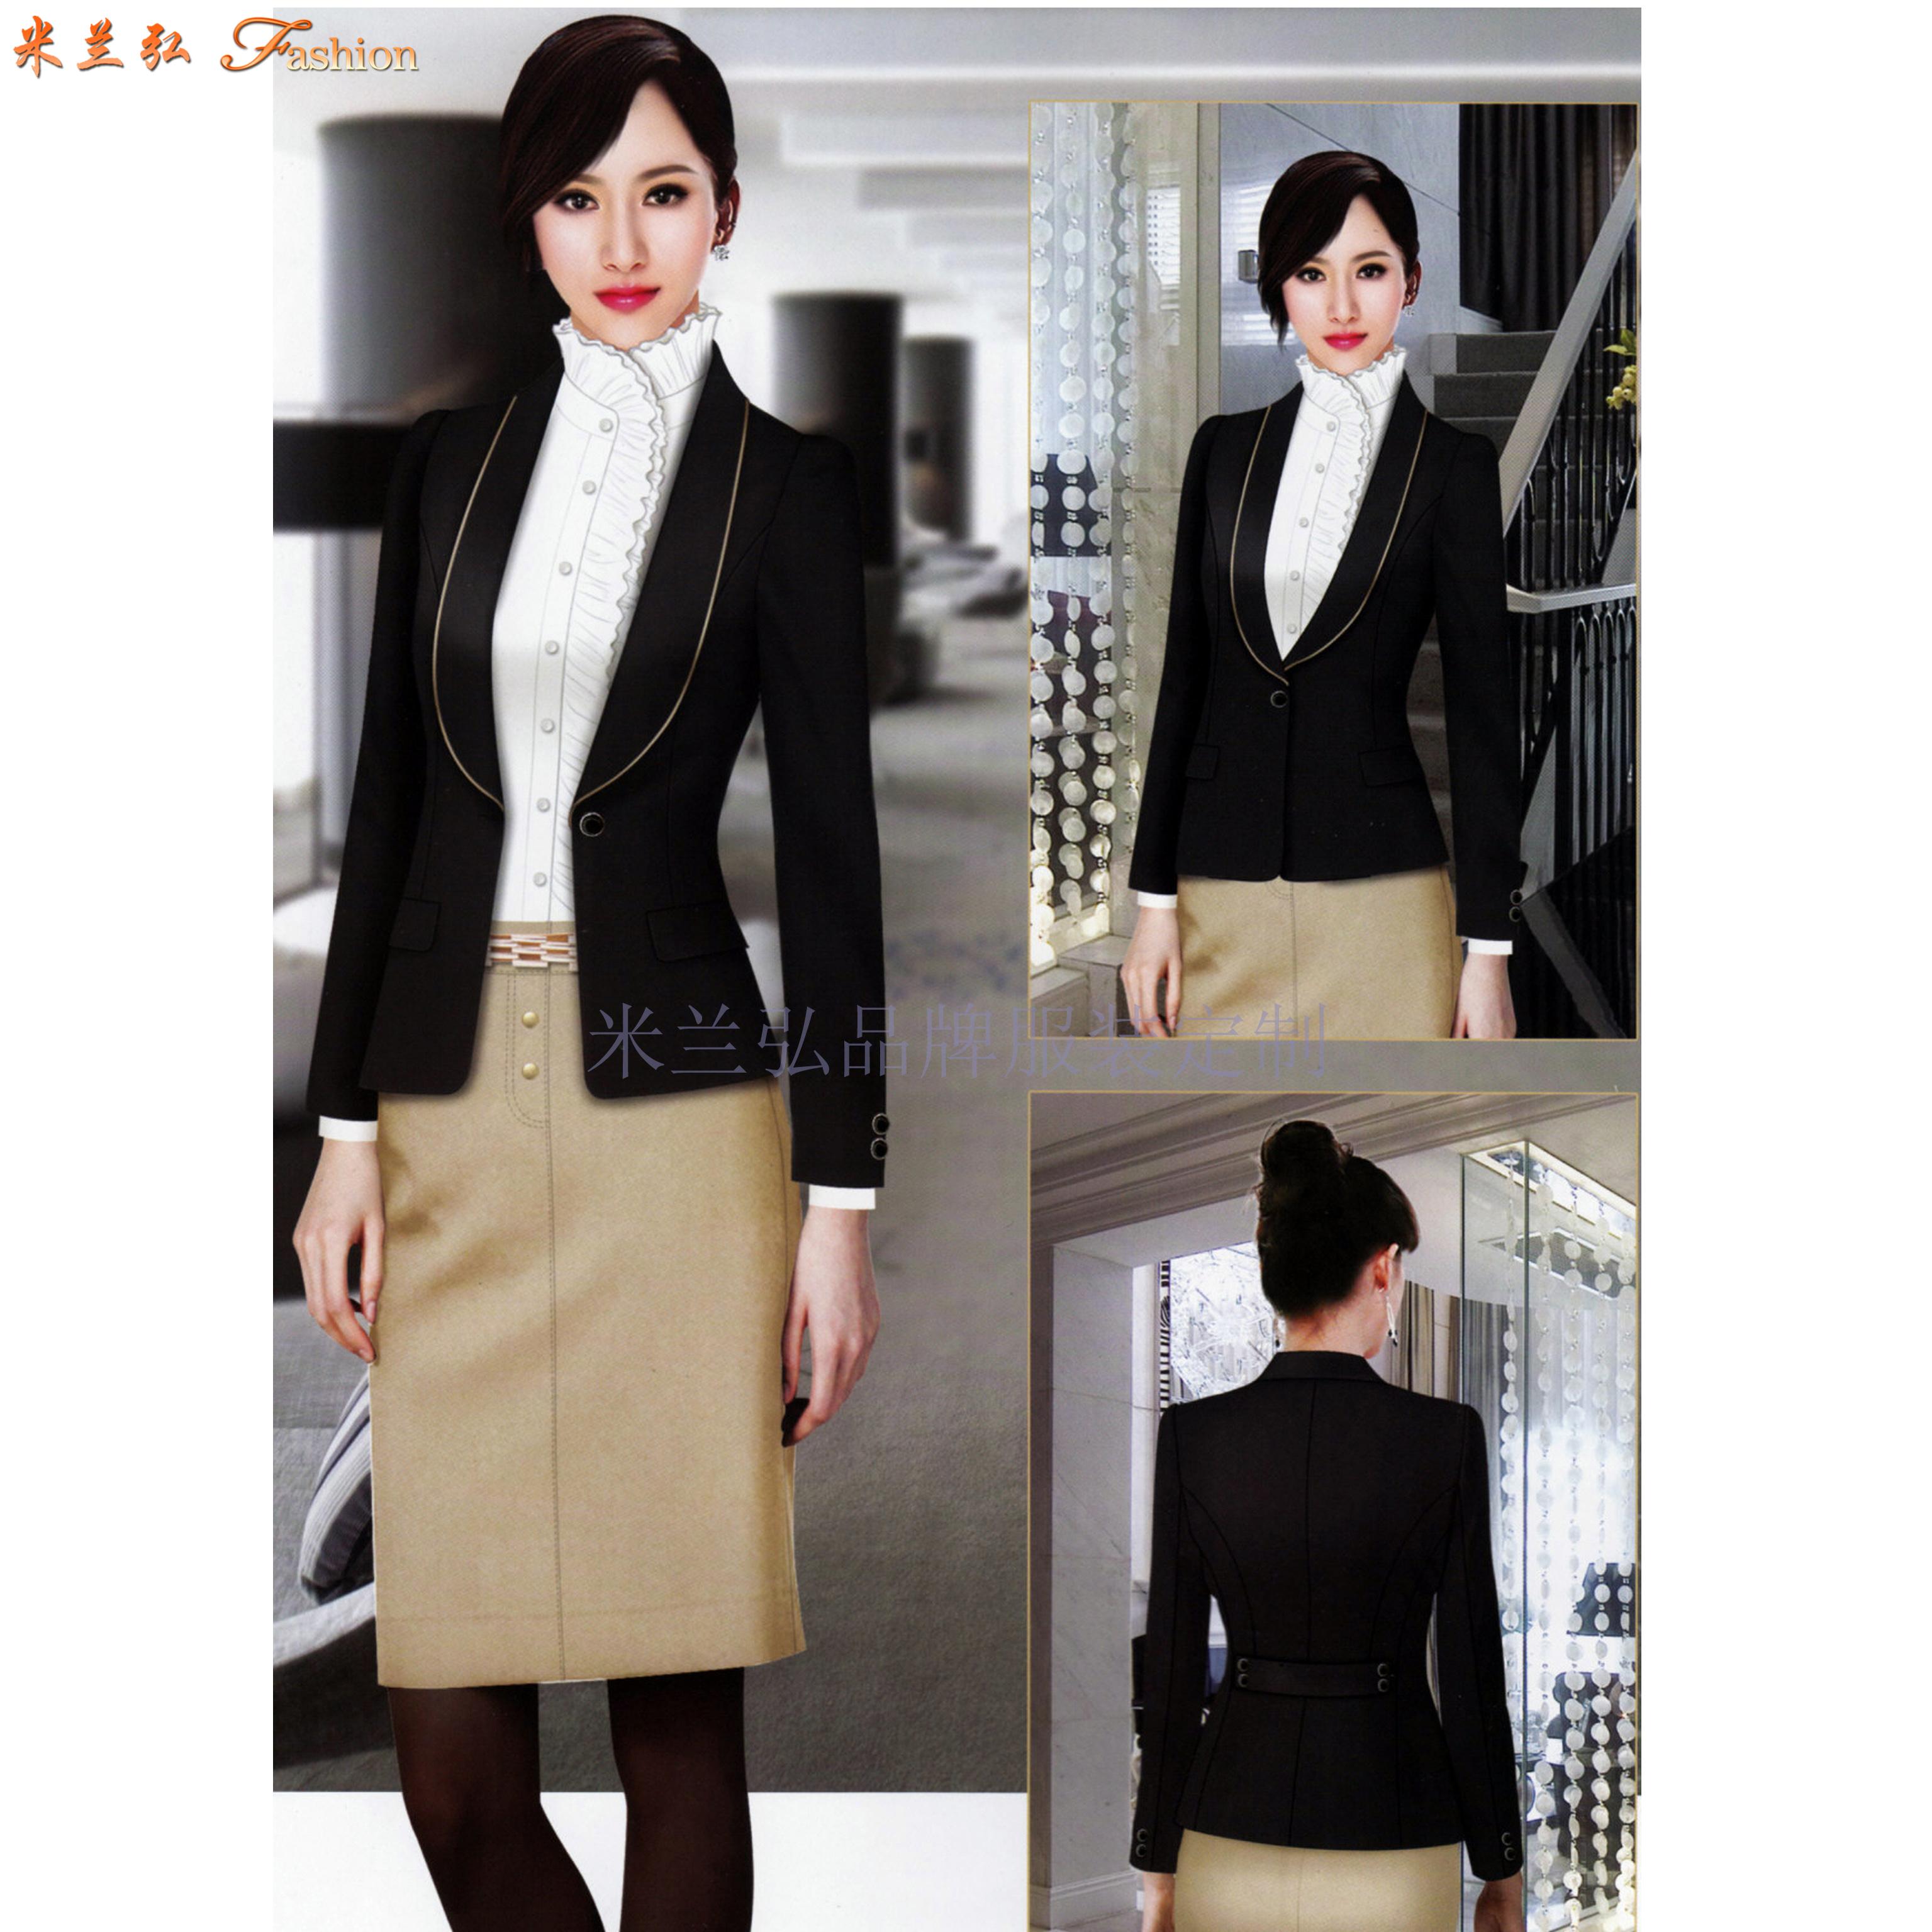 「時尚職業裝」貨真價實、式樣時髦、的服裝廠家-米蘭弘品牌-4